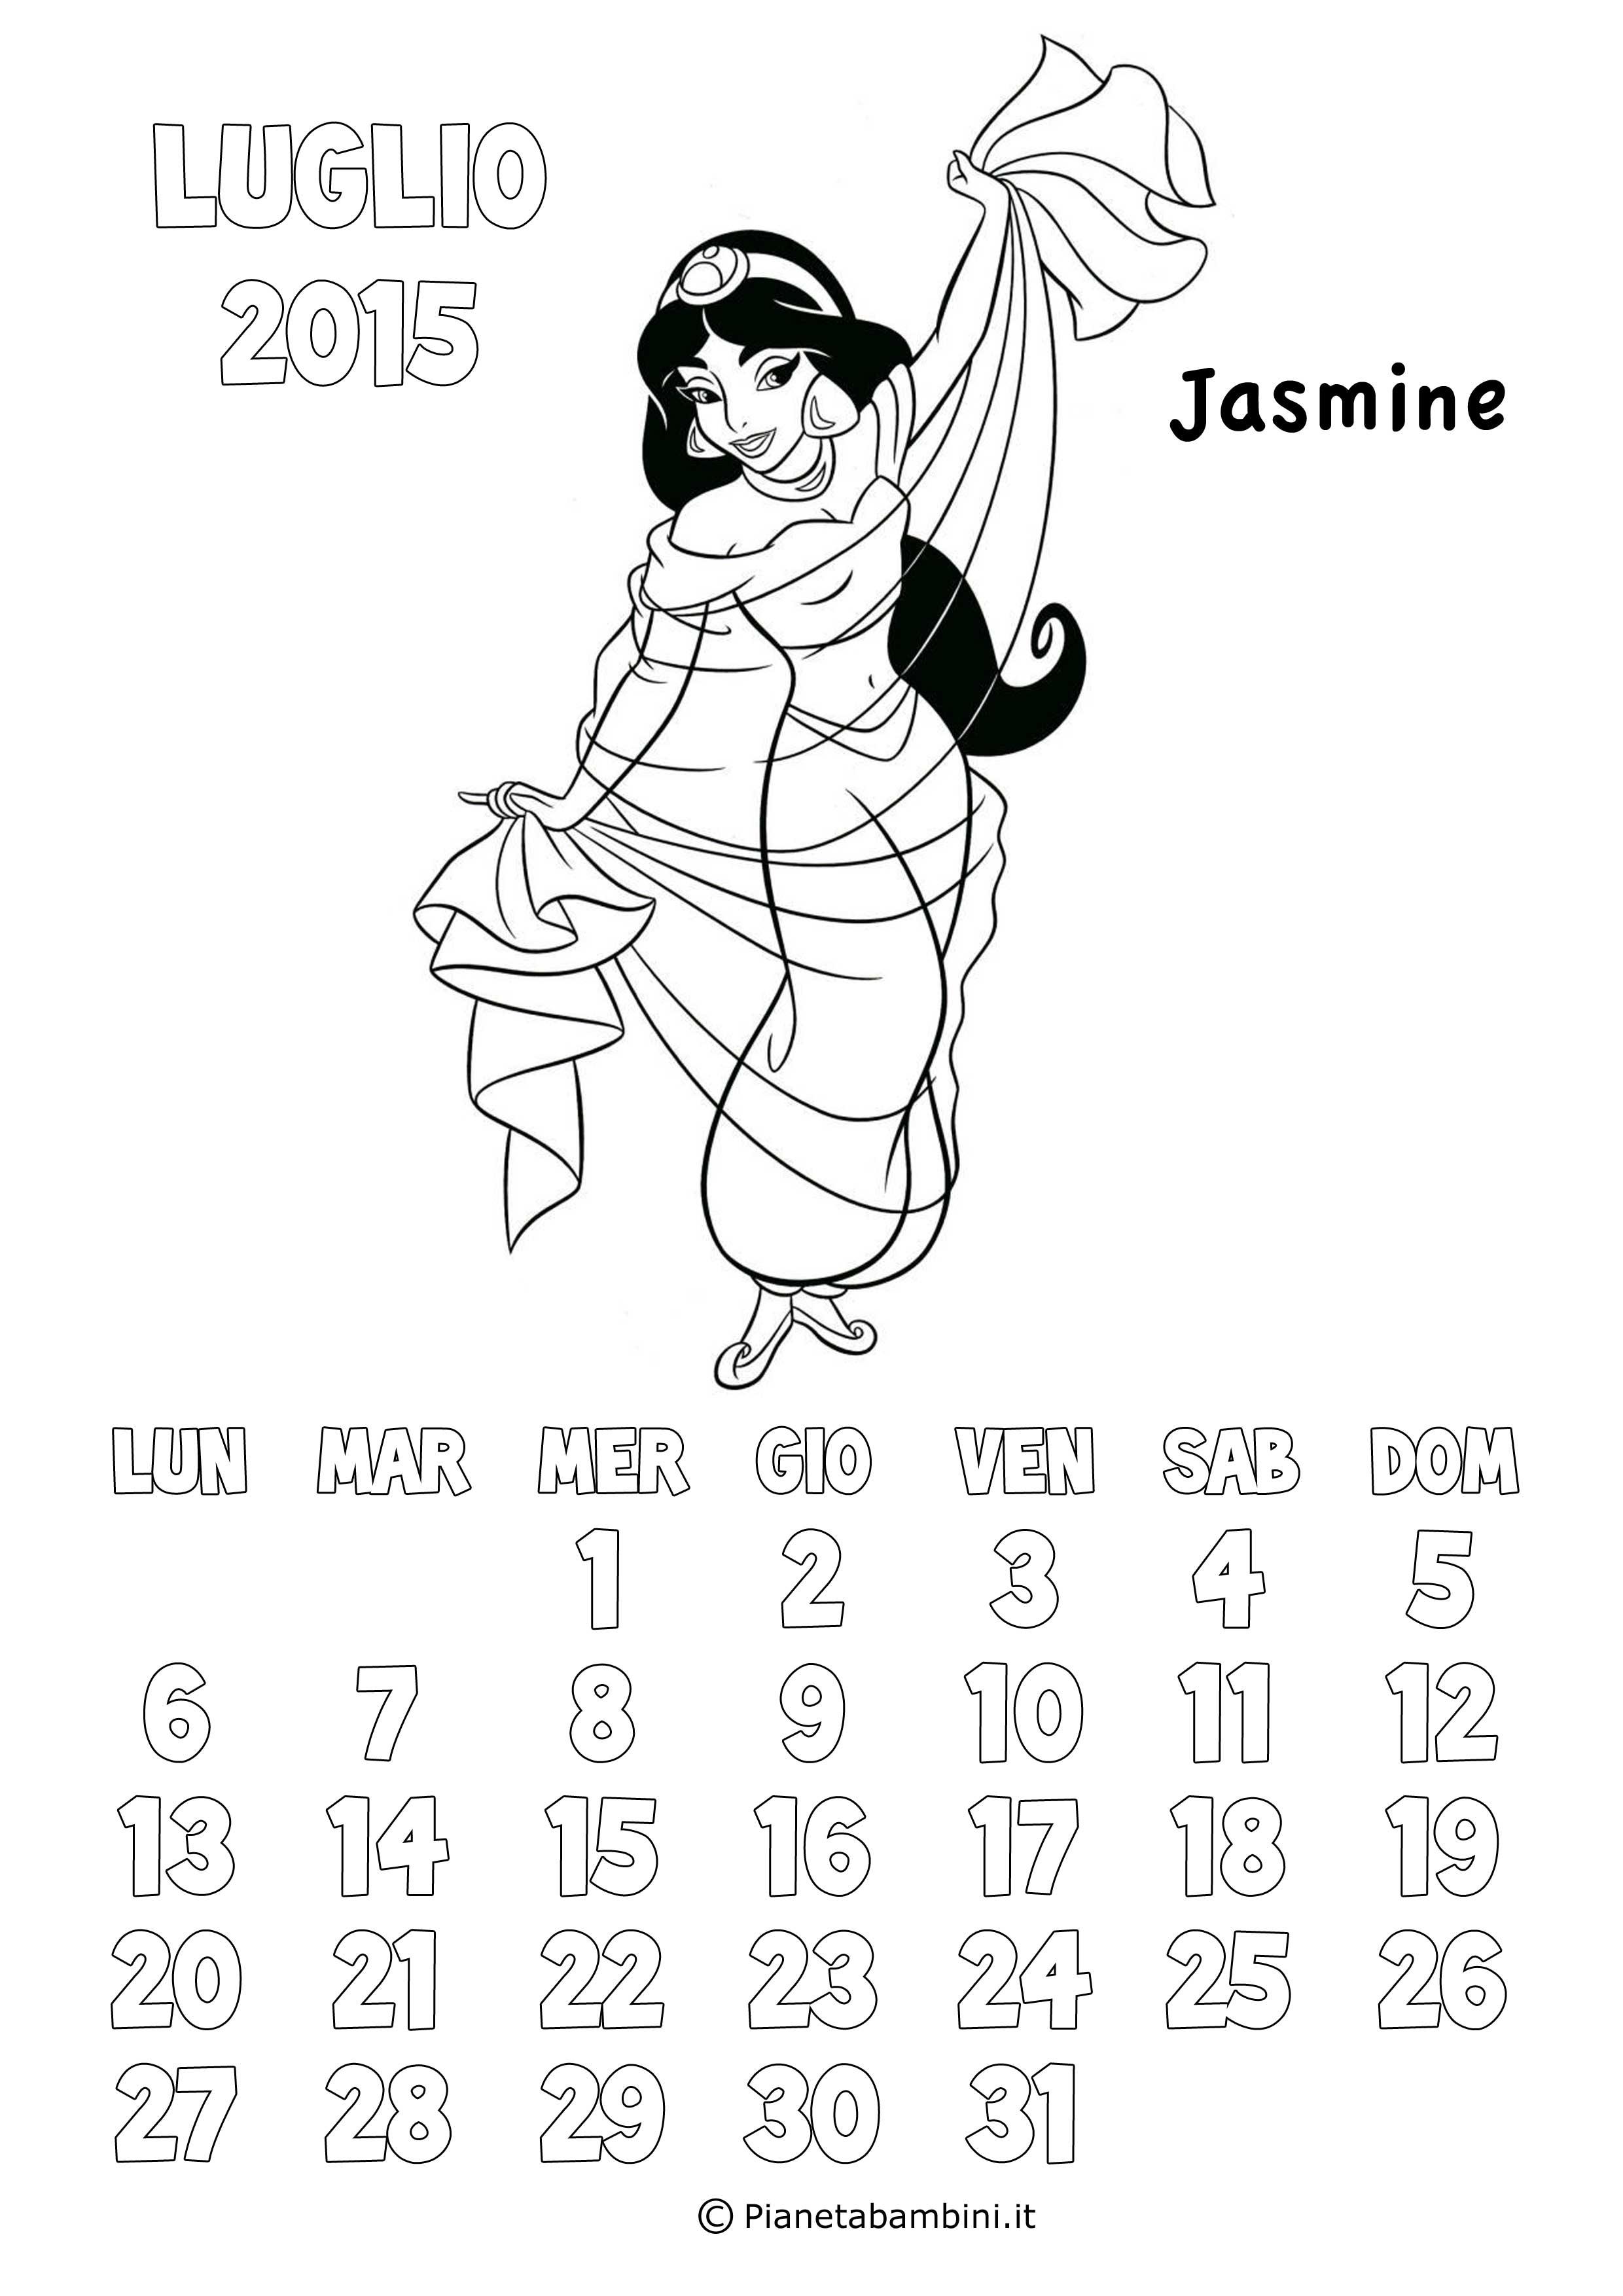 Luglio-2015-Jasmine